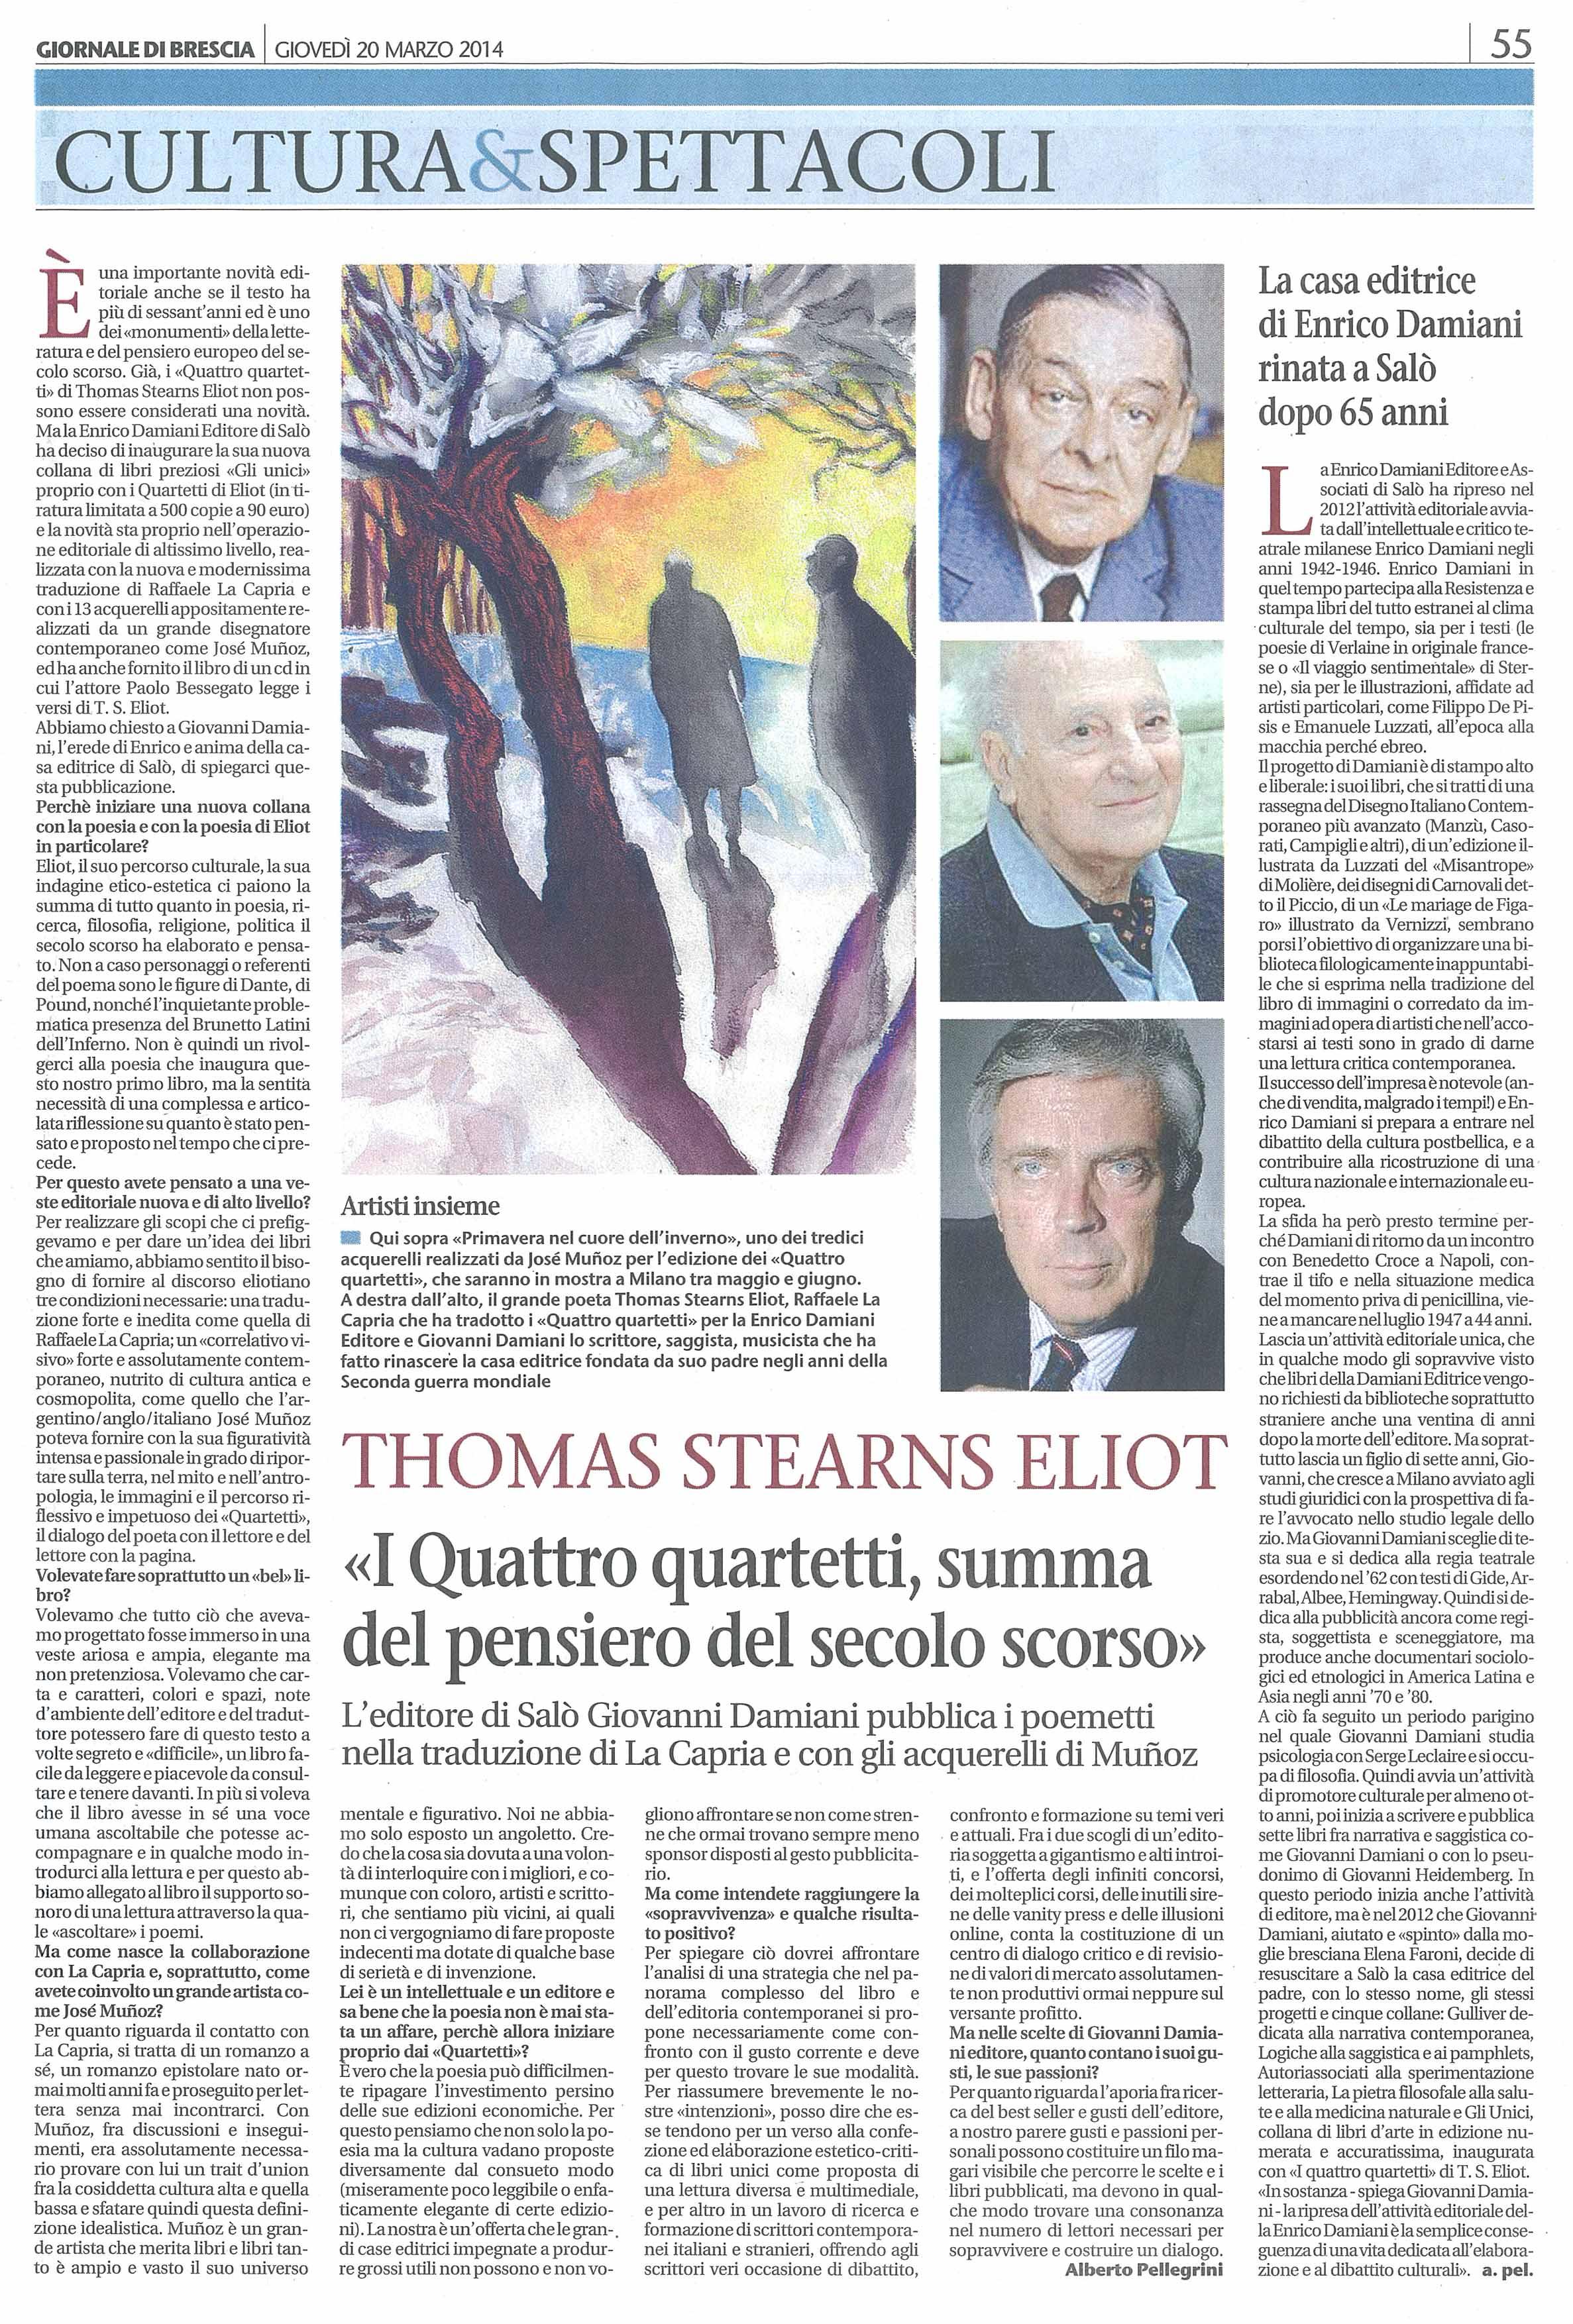 Il Giornale di Brescia